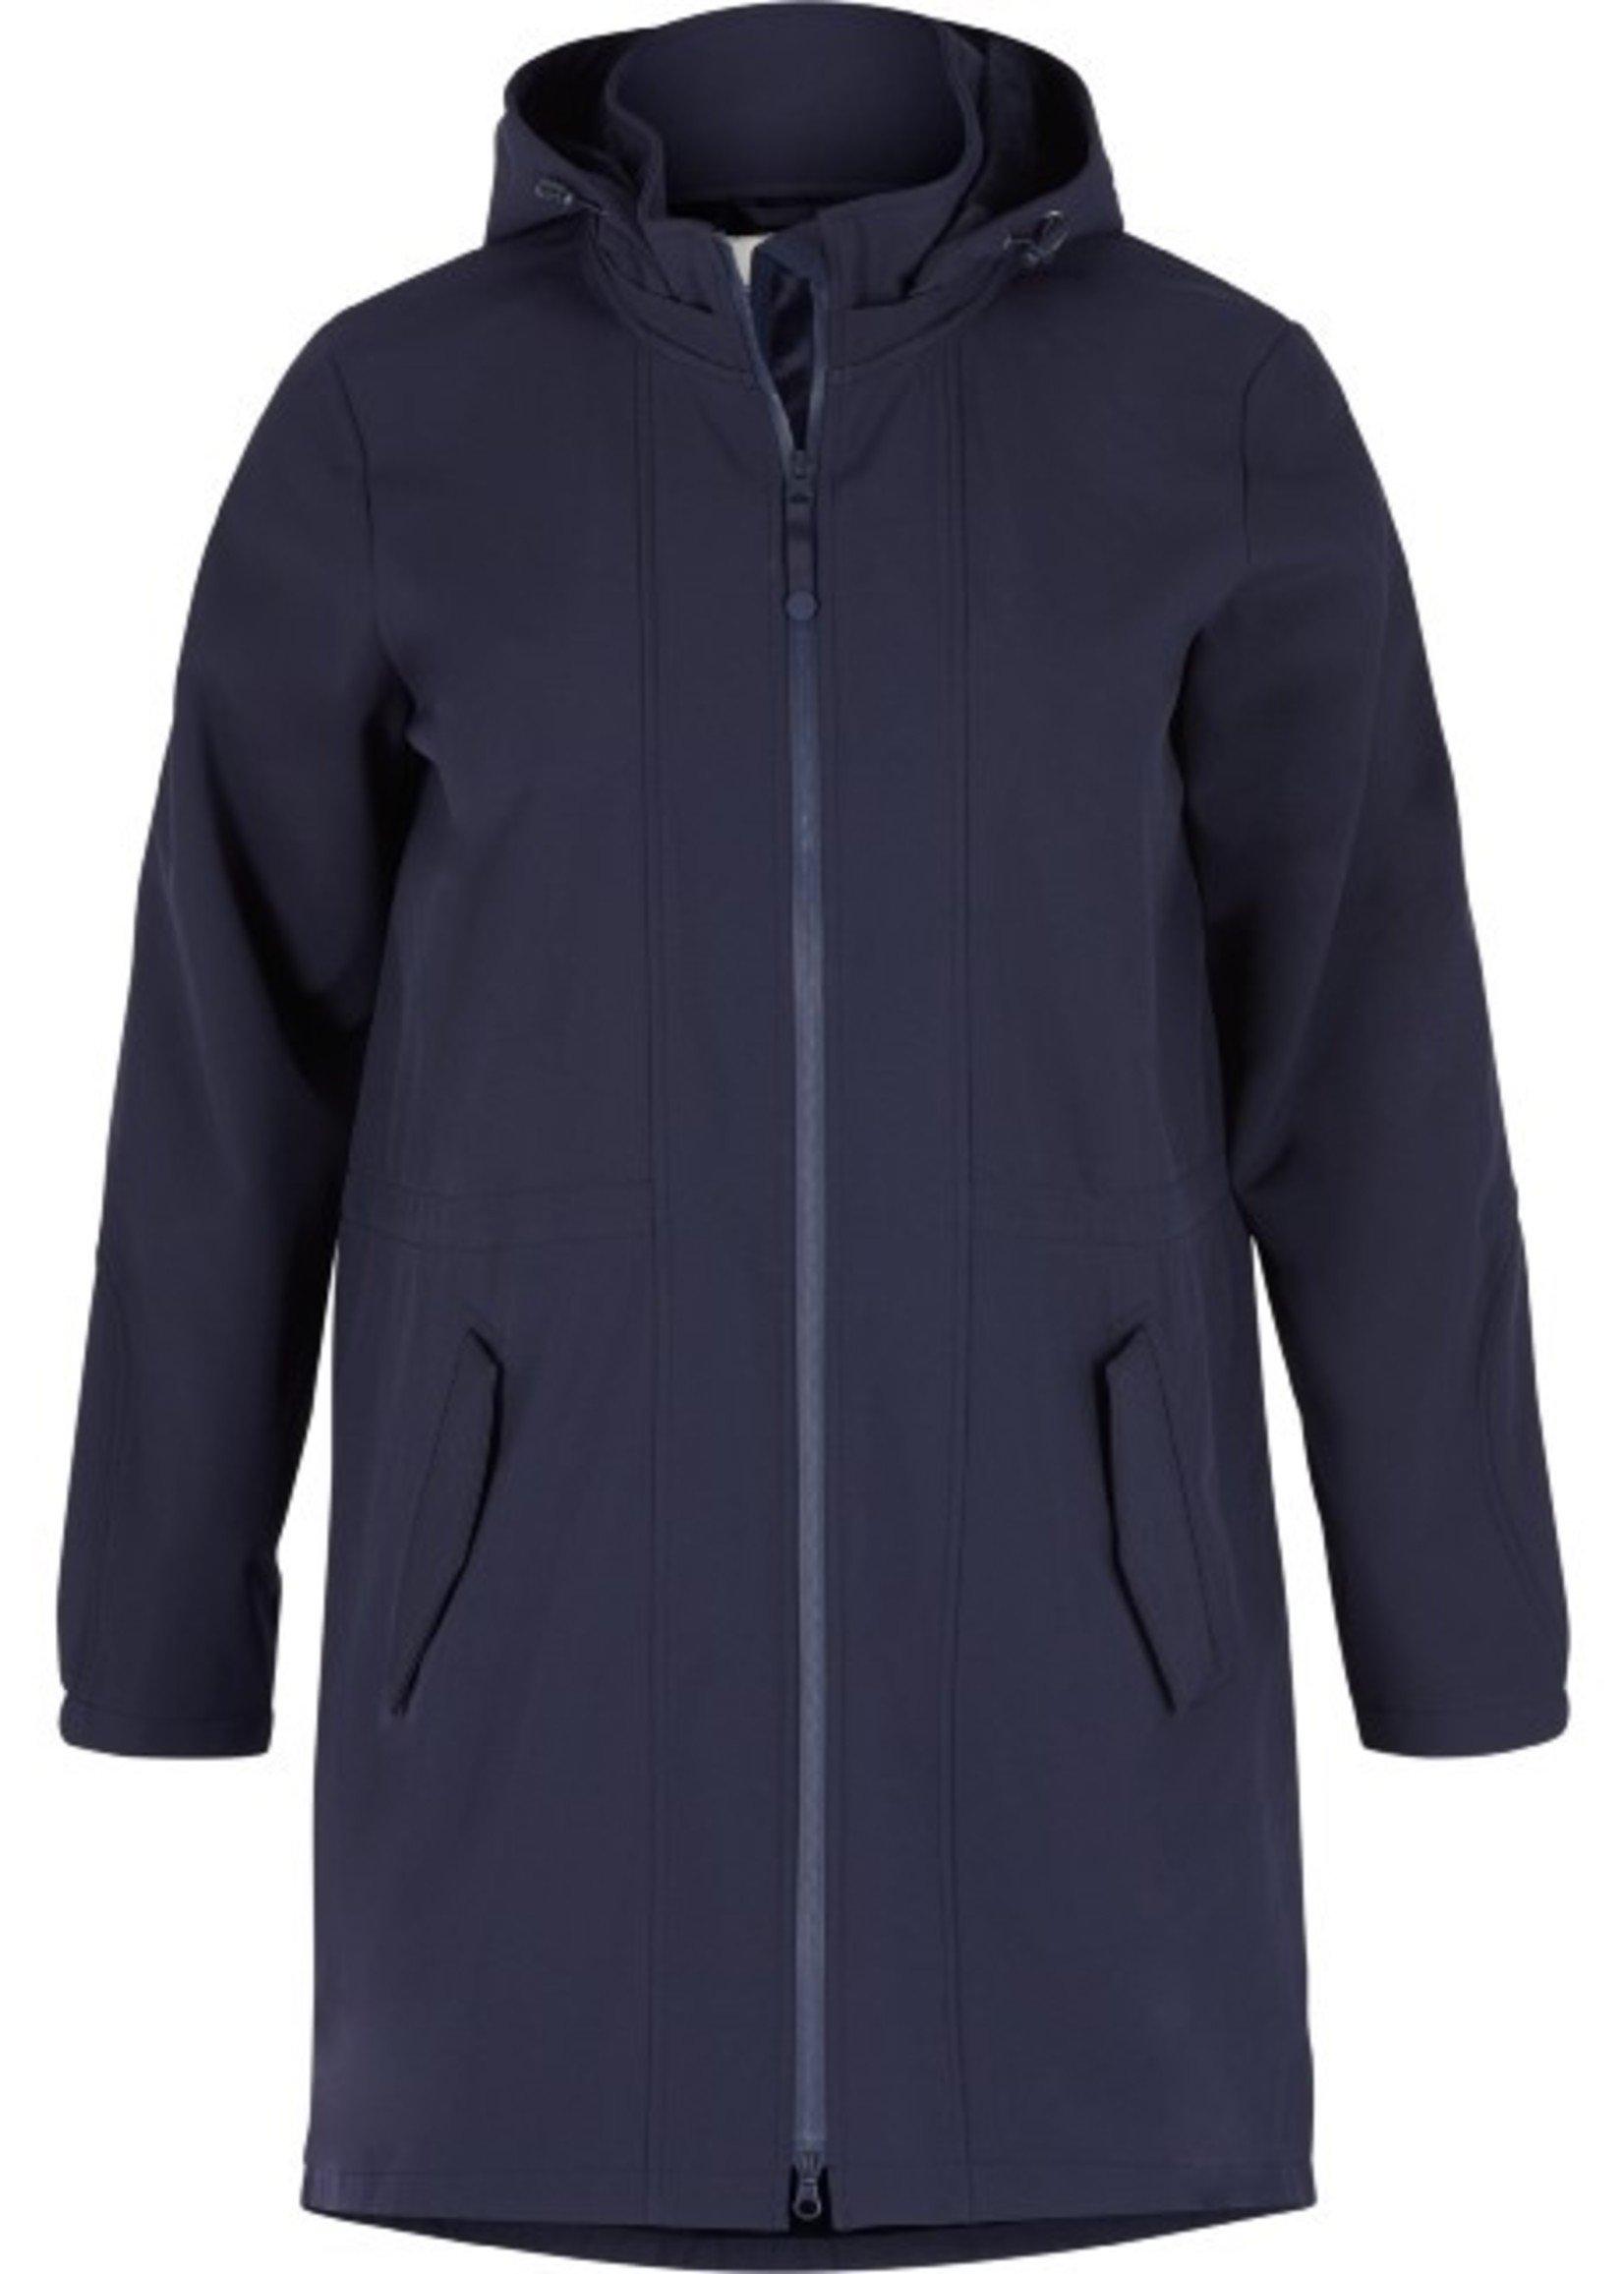 Zizzi Zizzi Softshell Jacket